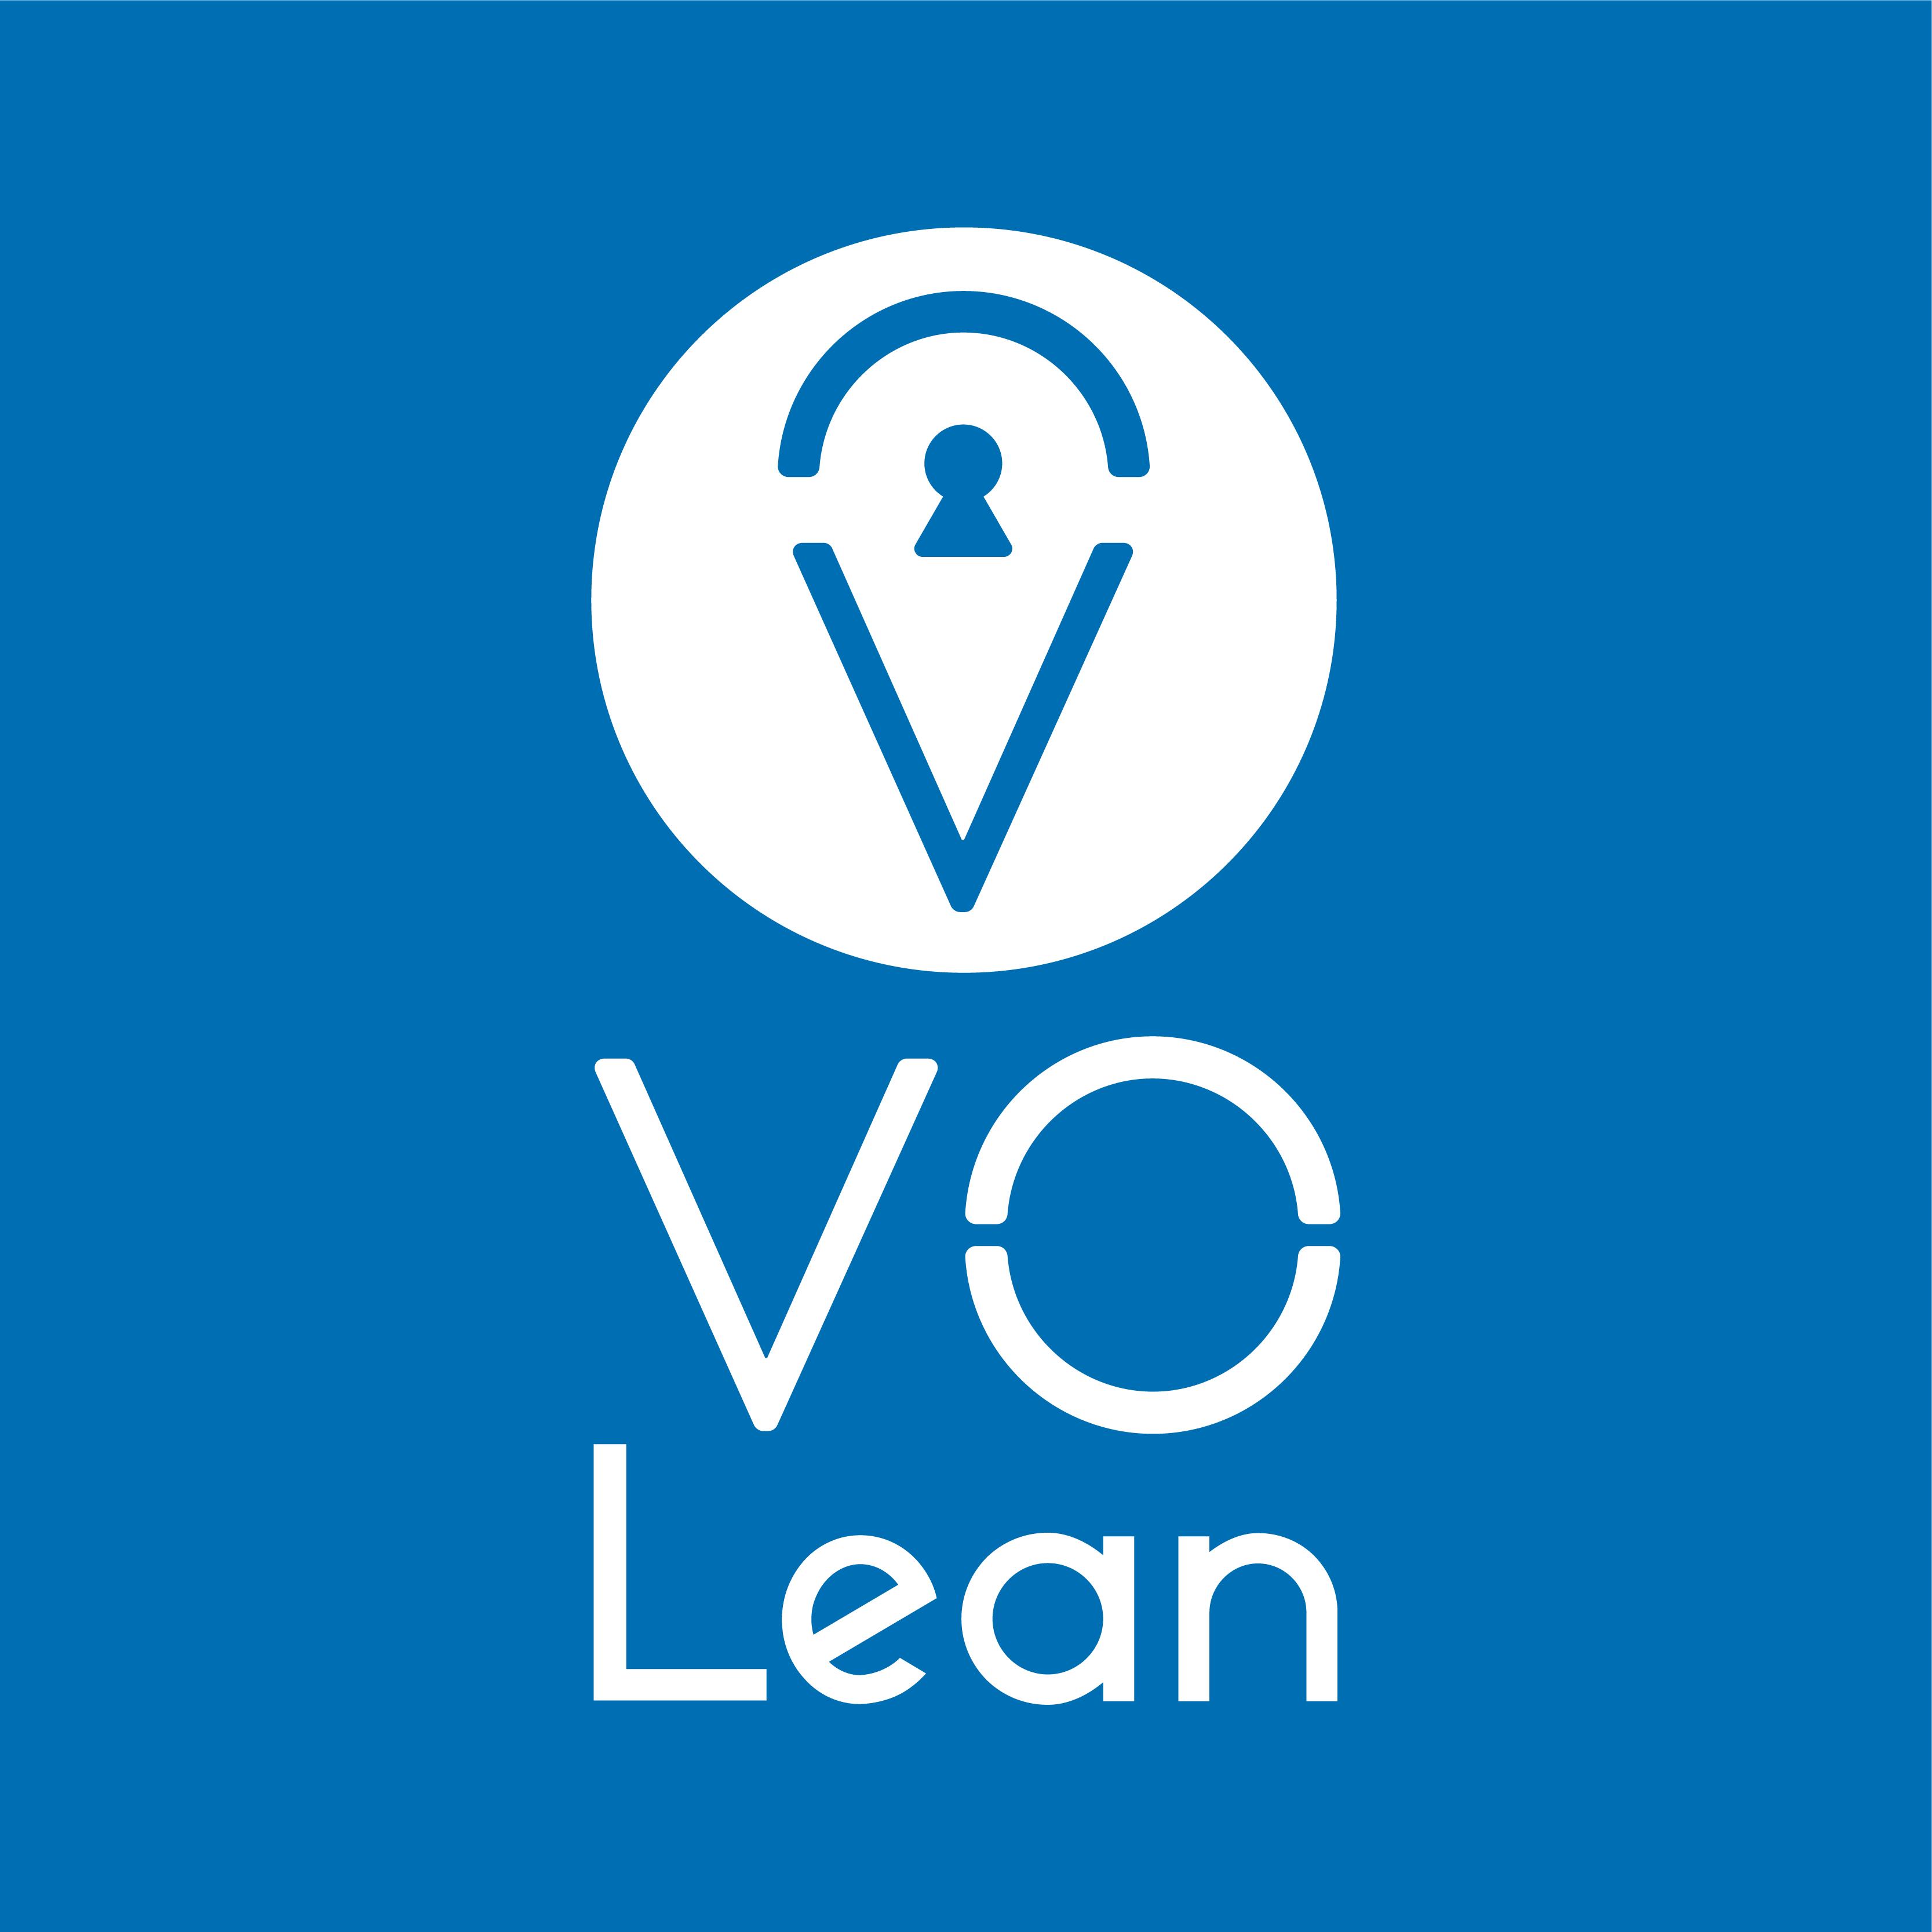 VO Lean